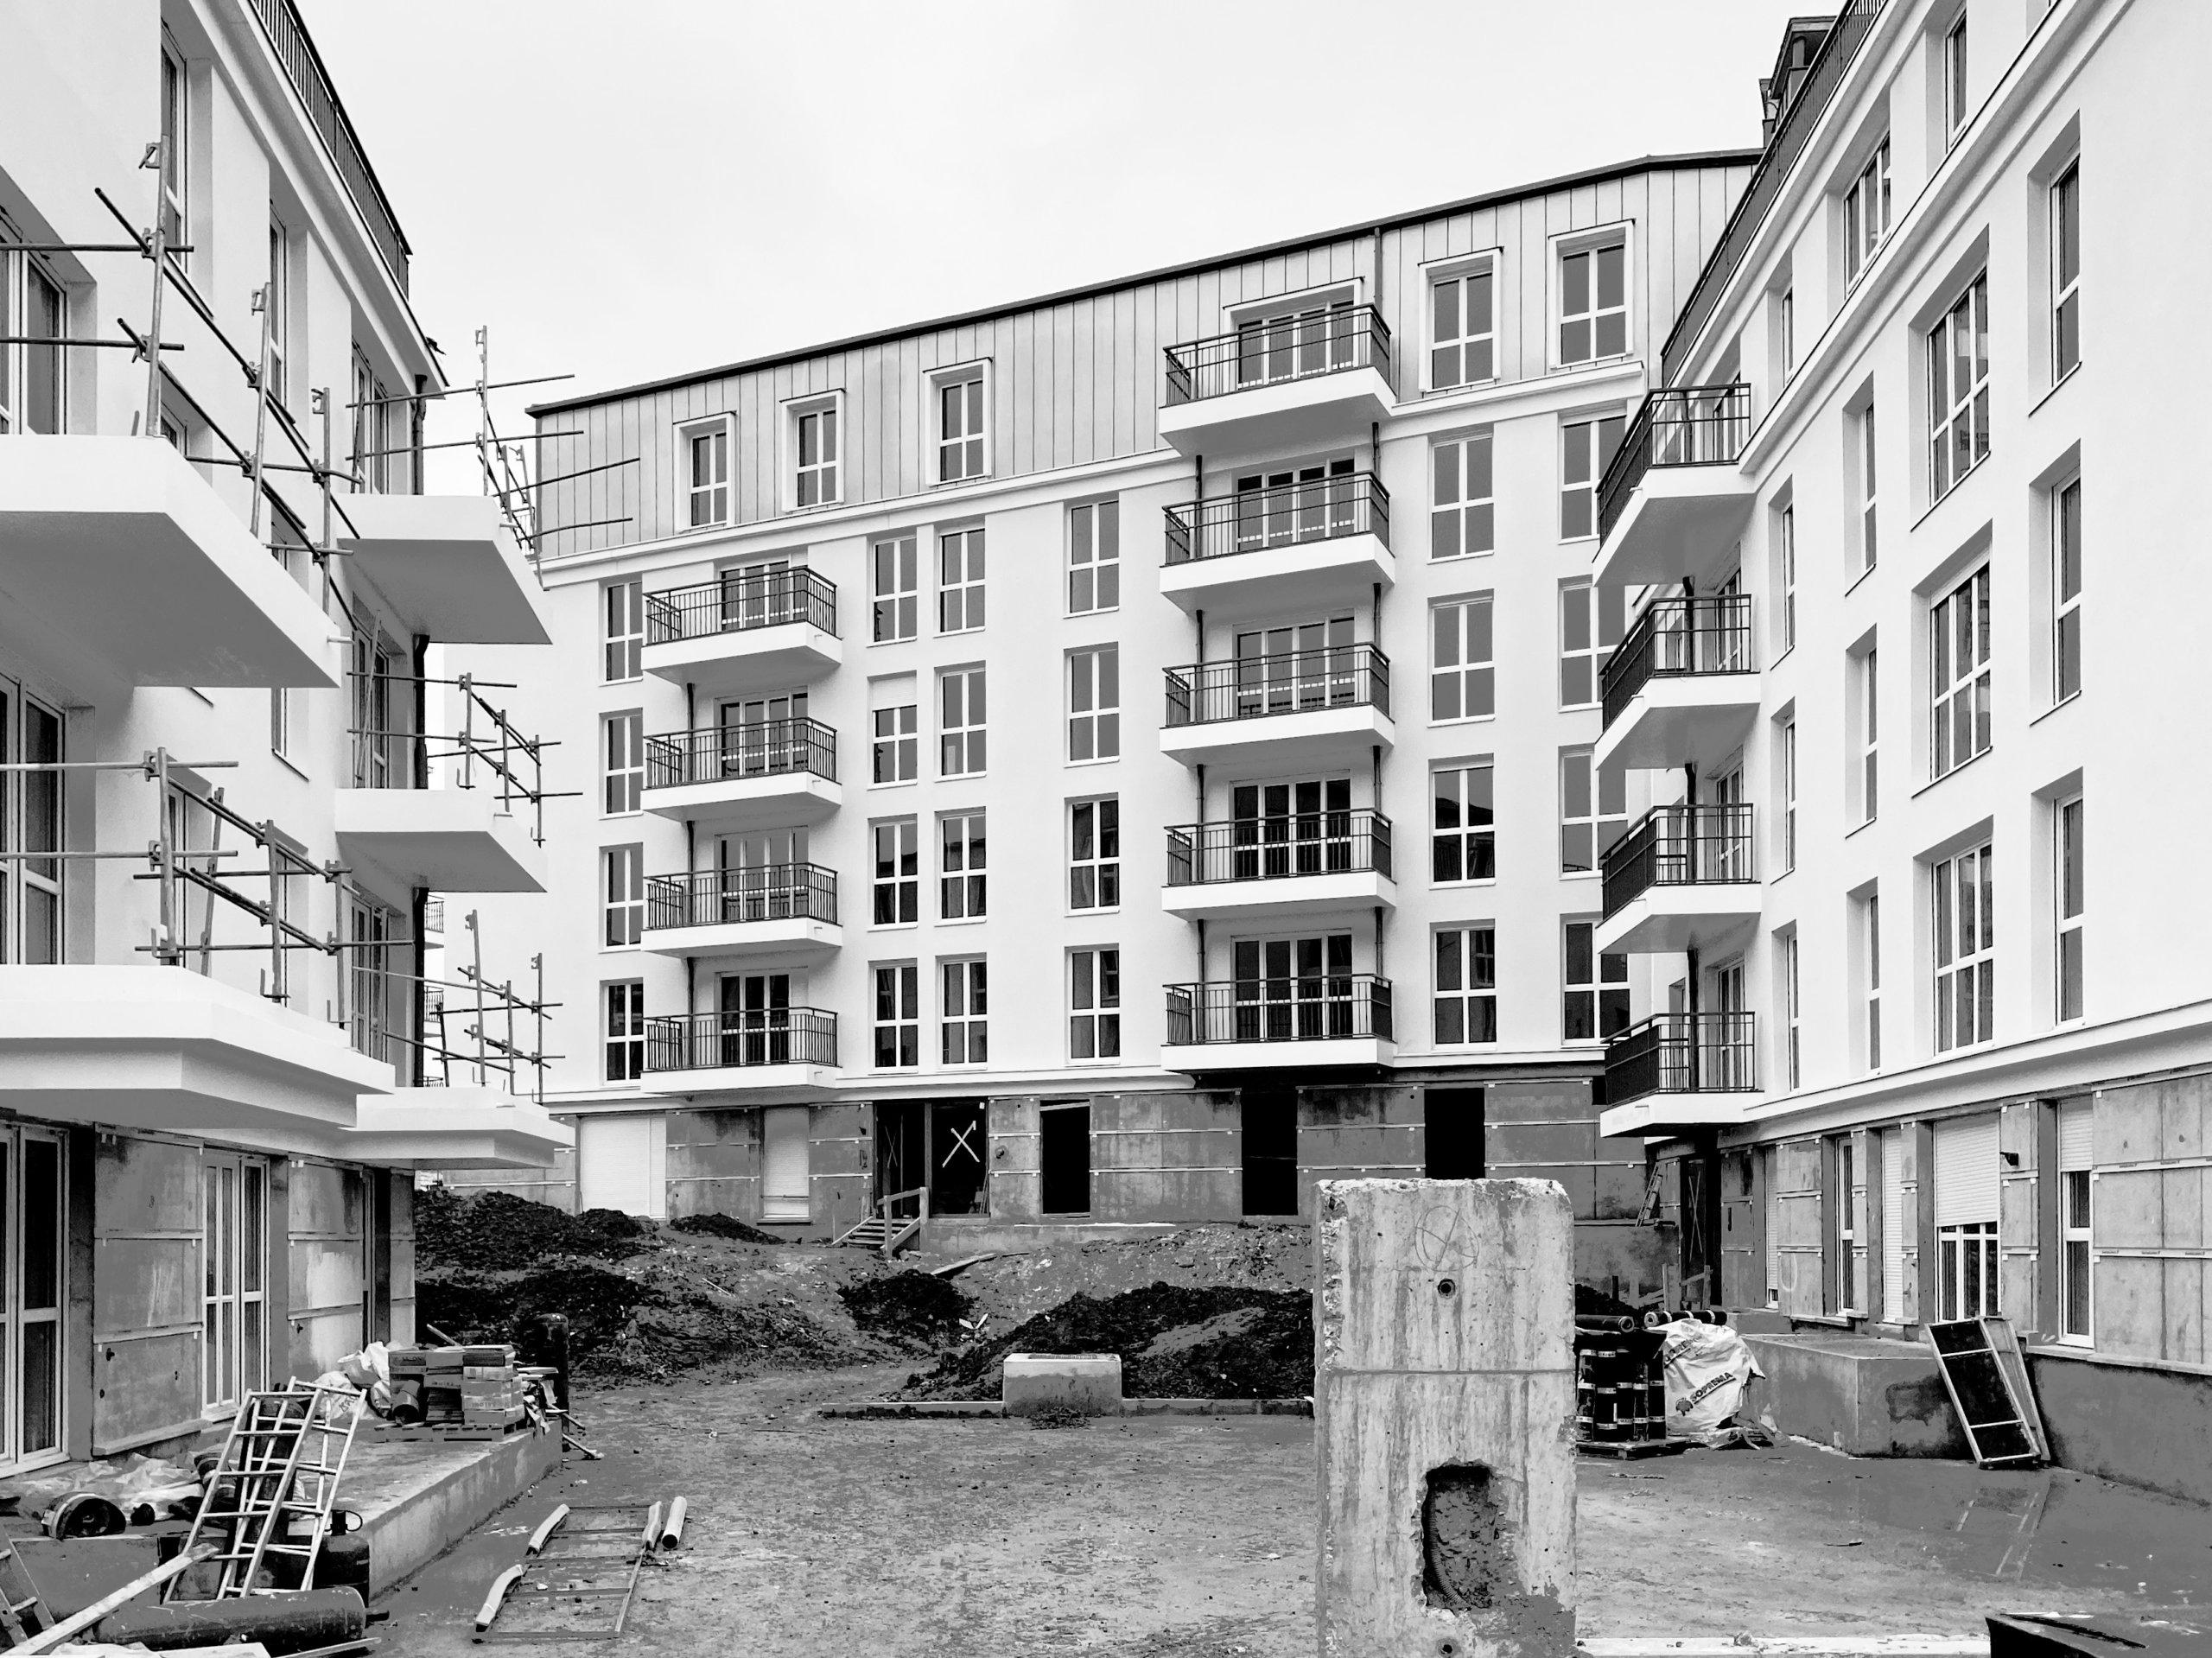 mlarchitectes-argenteuil-sarrazin20-006